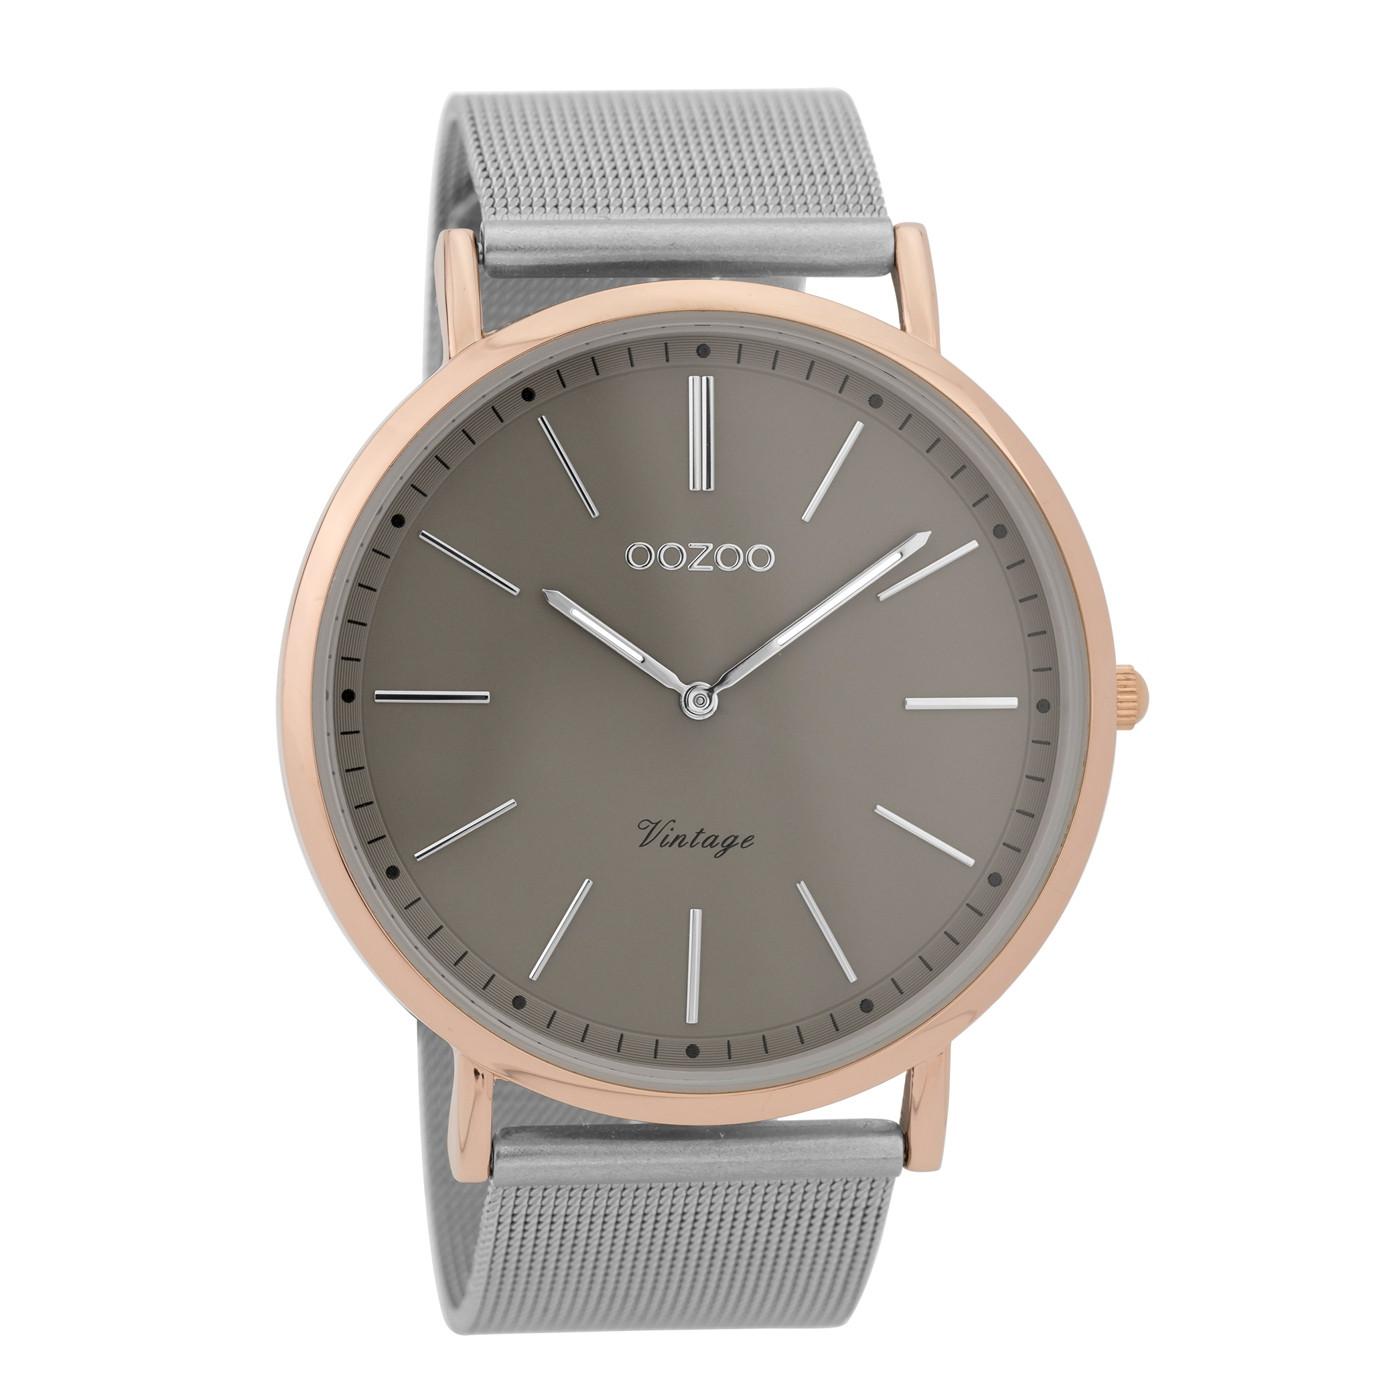 2b83c028862 OOZOO Vintage Zilverkleurig/Donkergrijs horloge C9356 (44 mm)